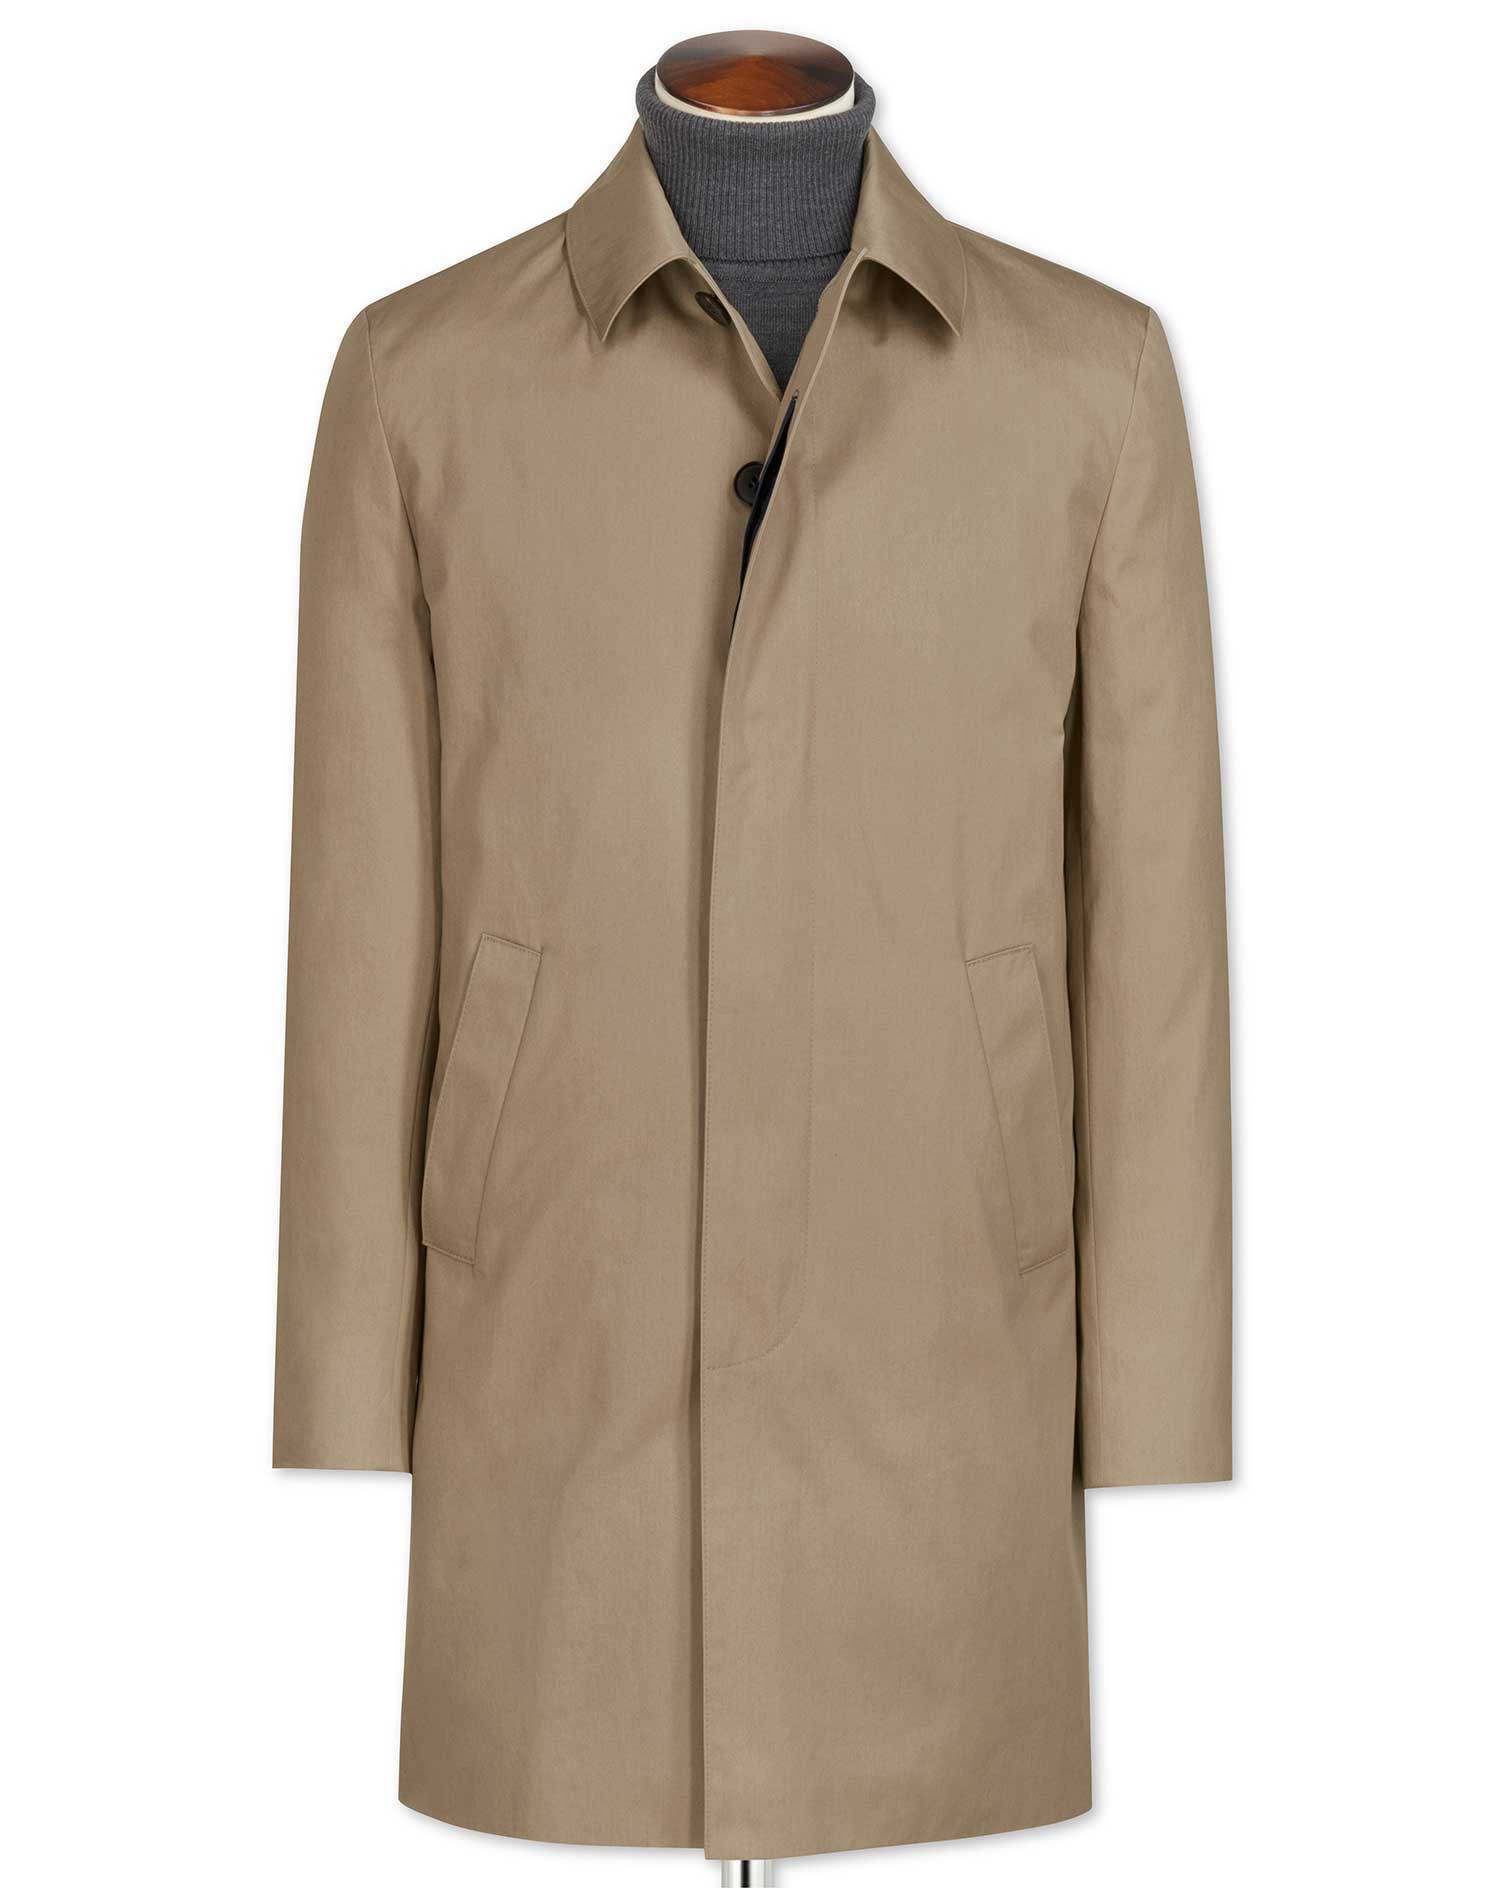 Stone Cotton Raincoat Charles Tyrwhitt